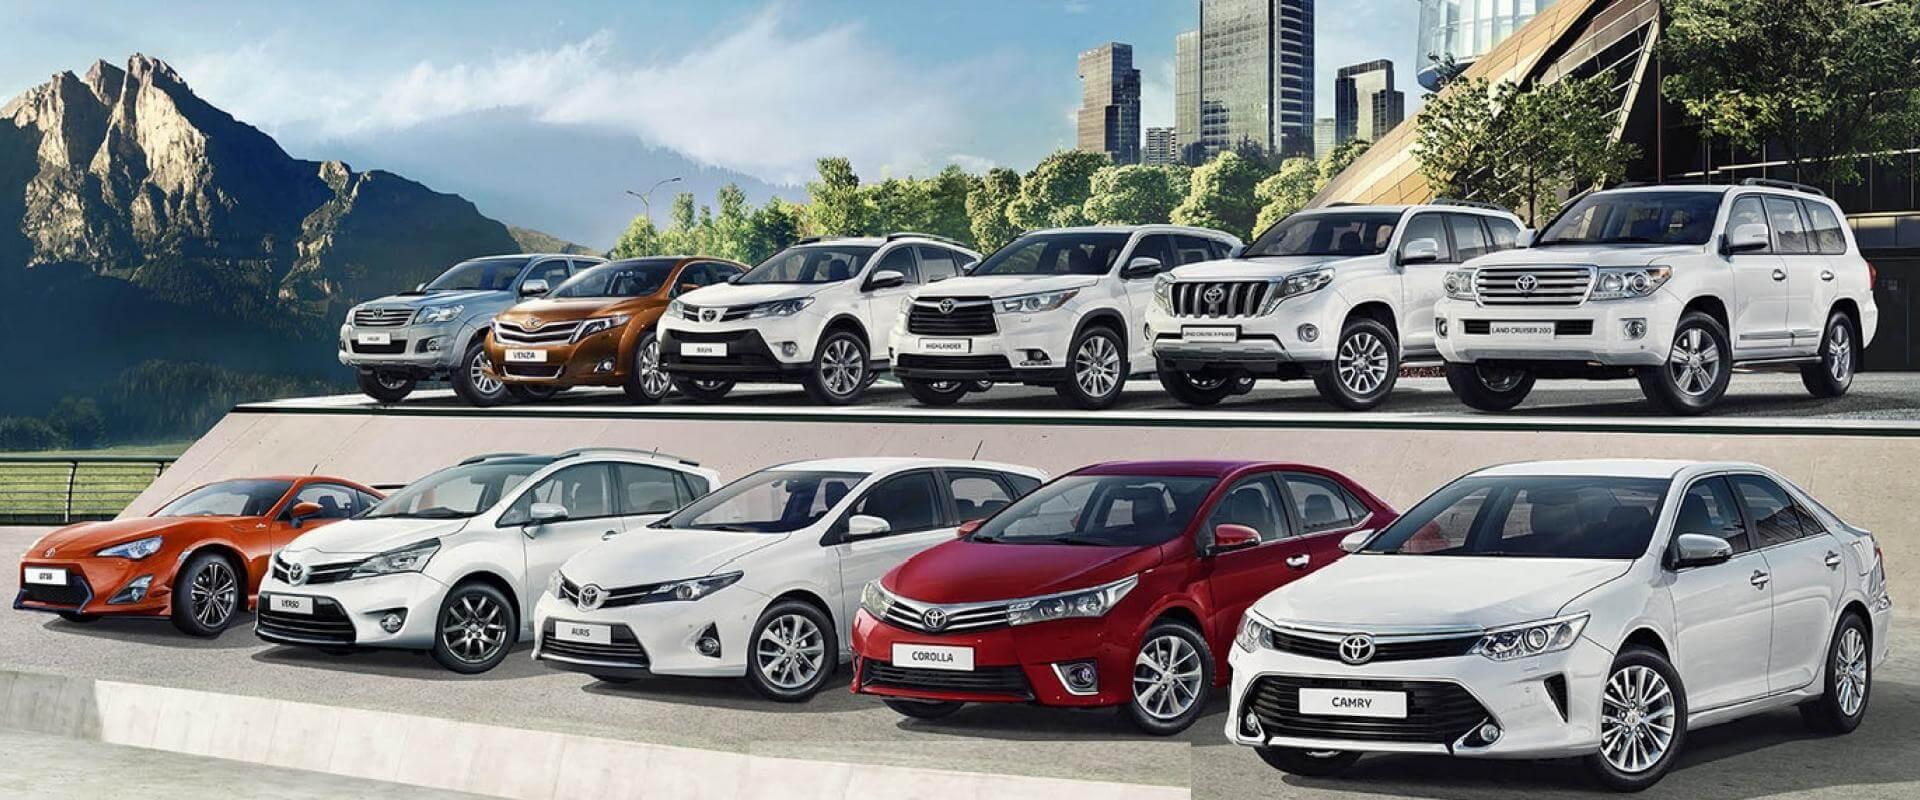 Популярные в России марки автомобилей